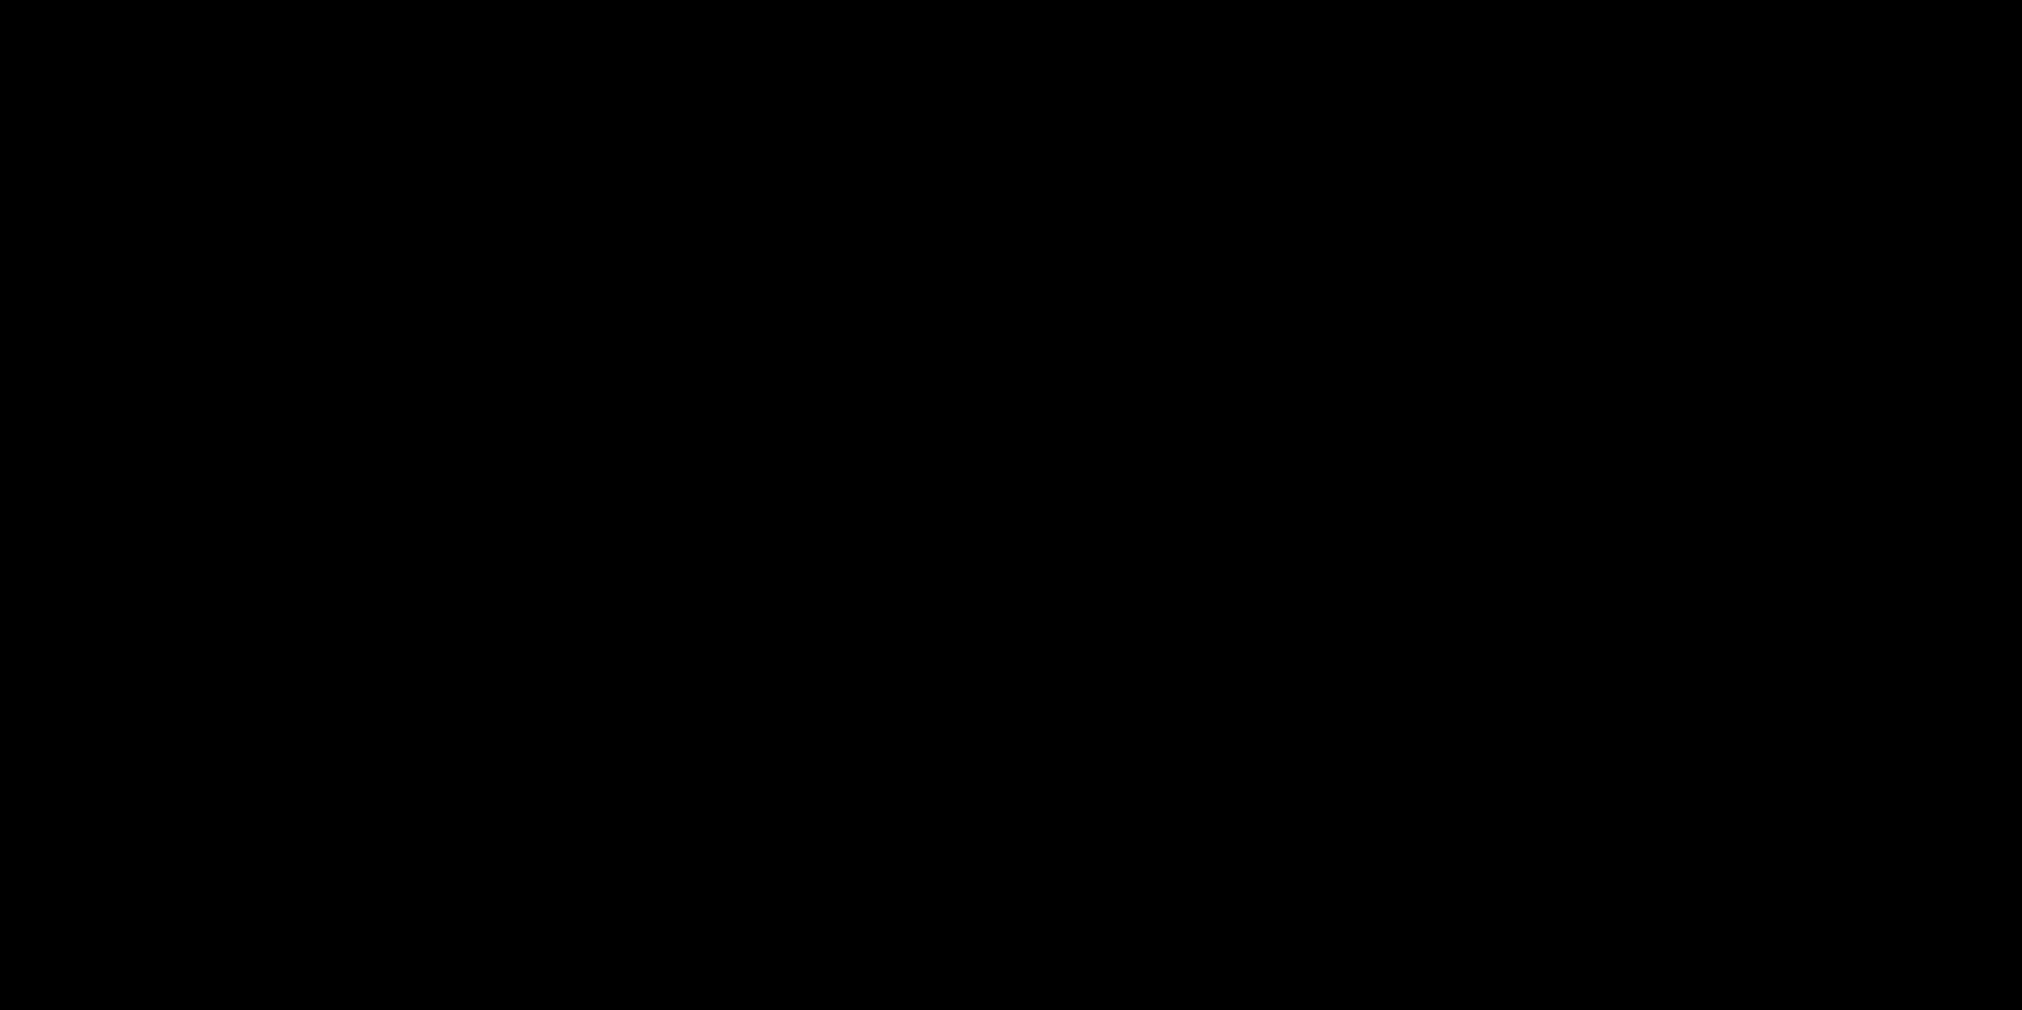 N-(3-Nitrophenylpyrazole)curcumin